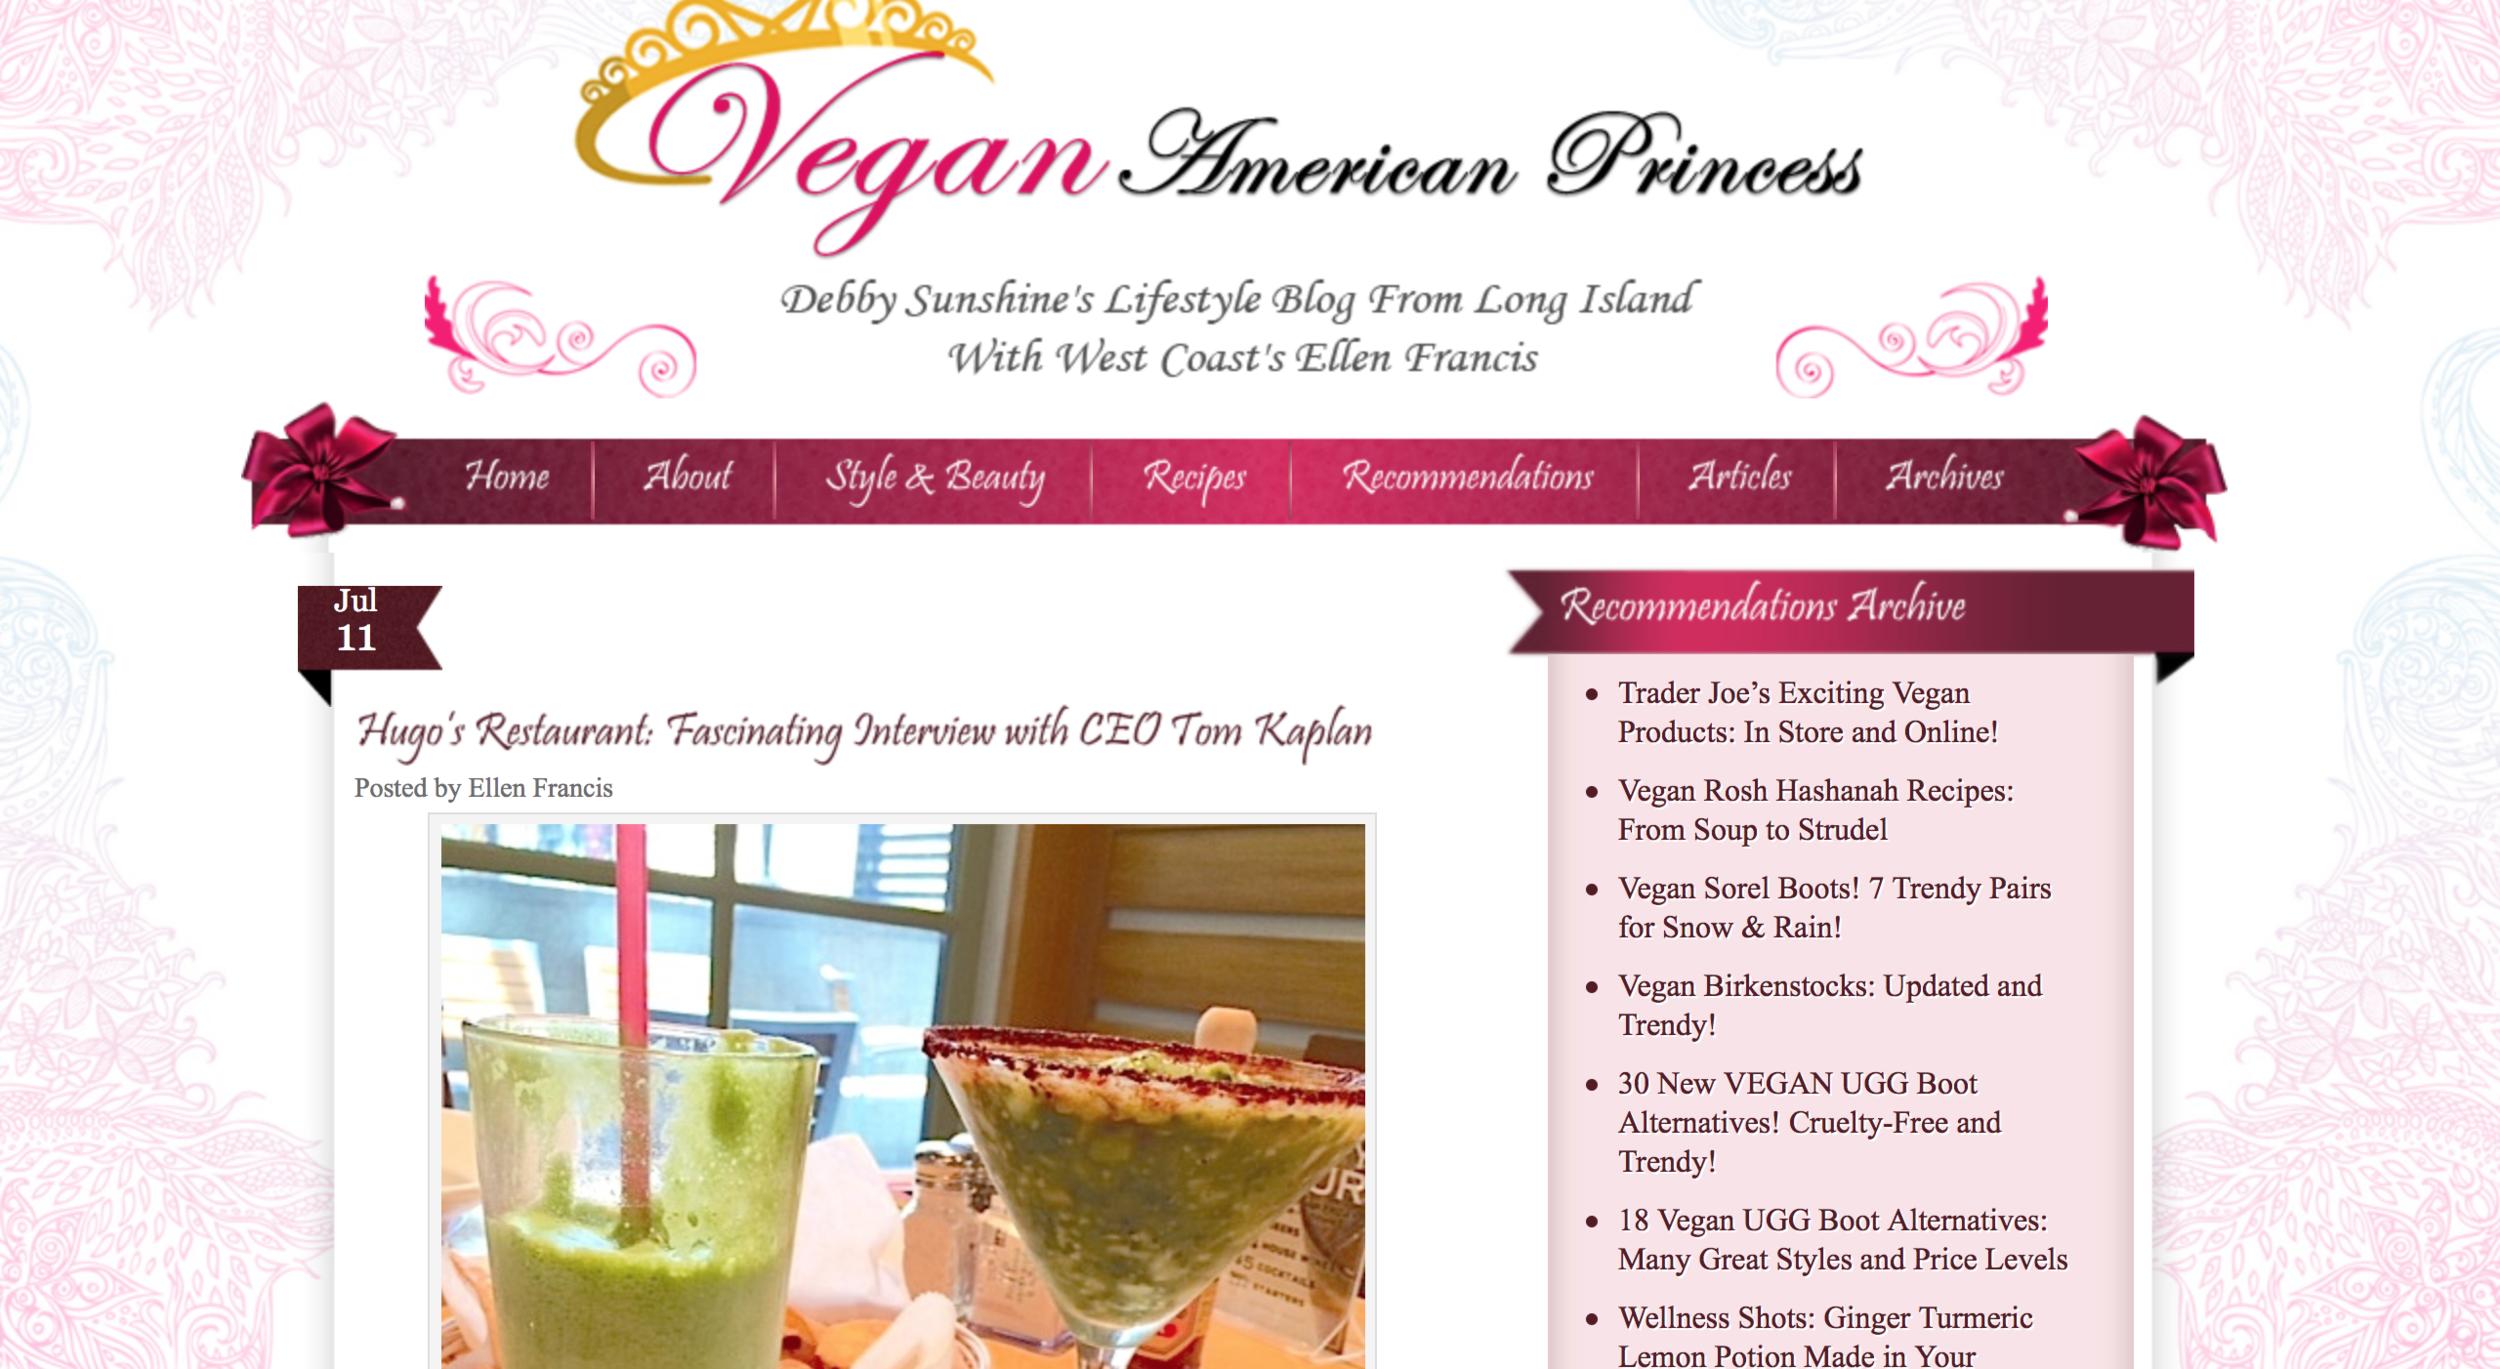 Vegan American Princess - Hugo's